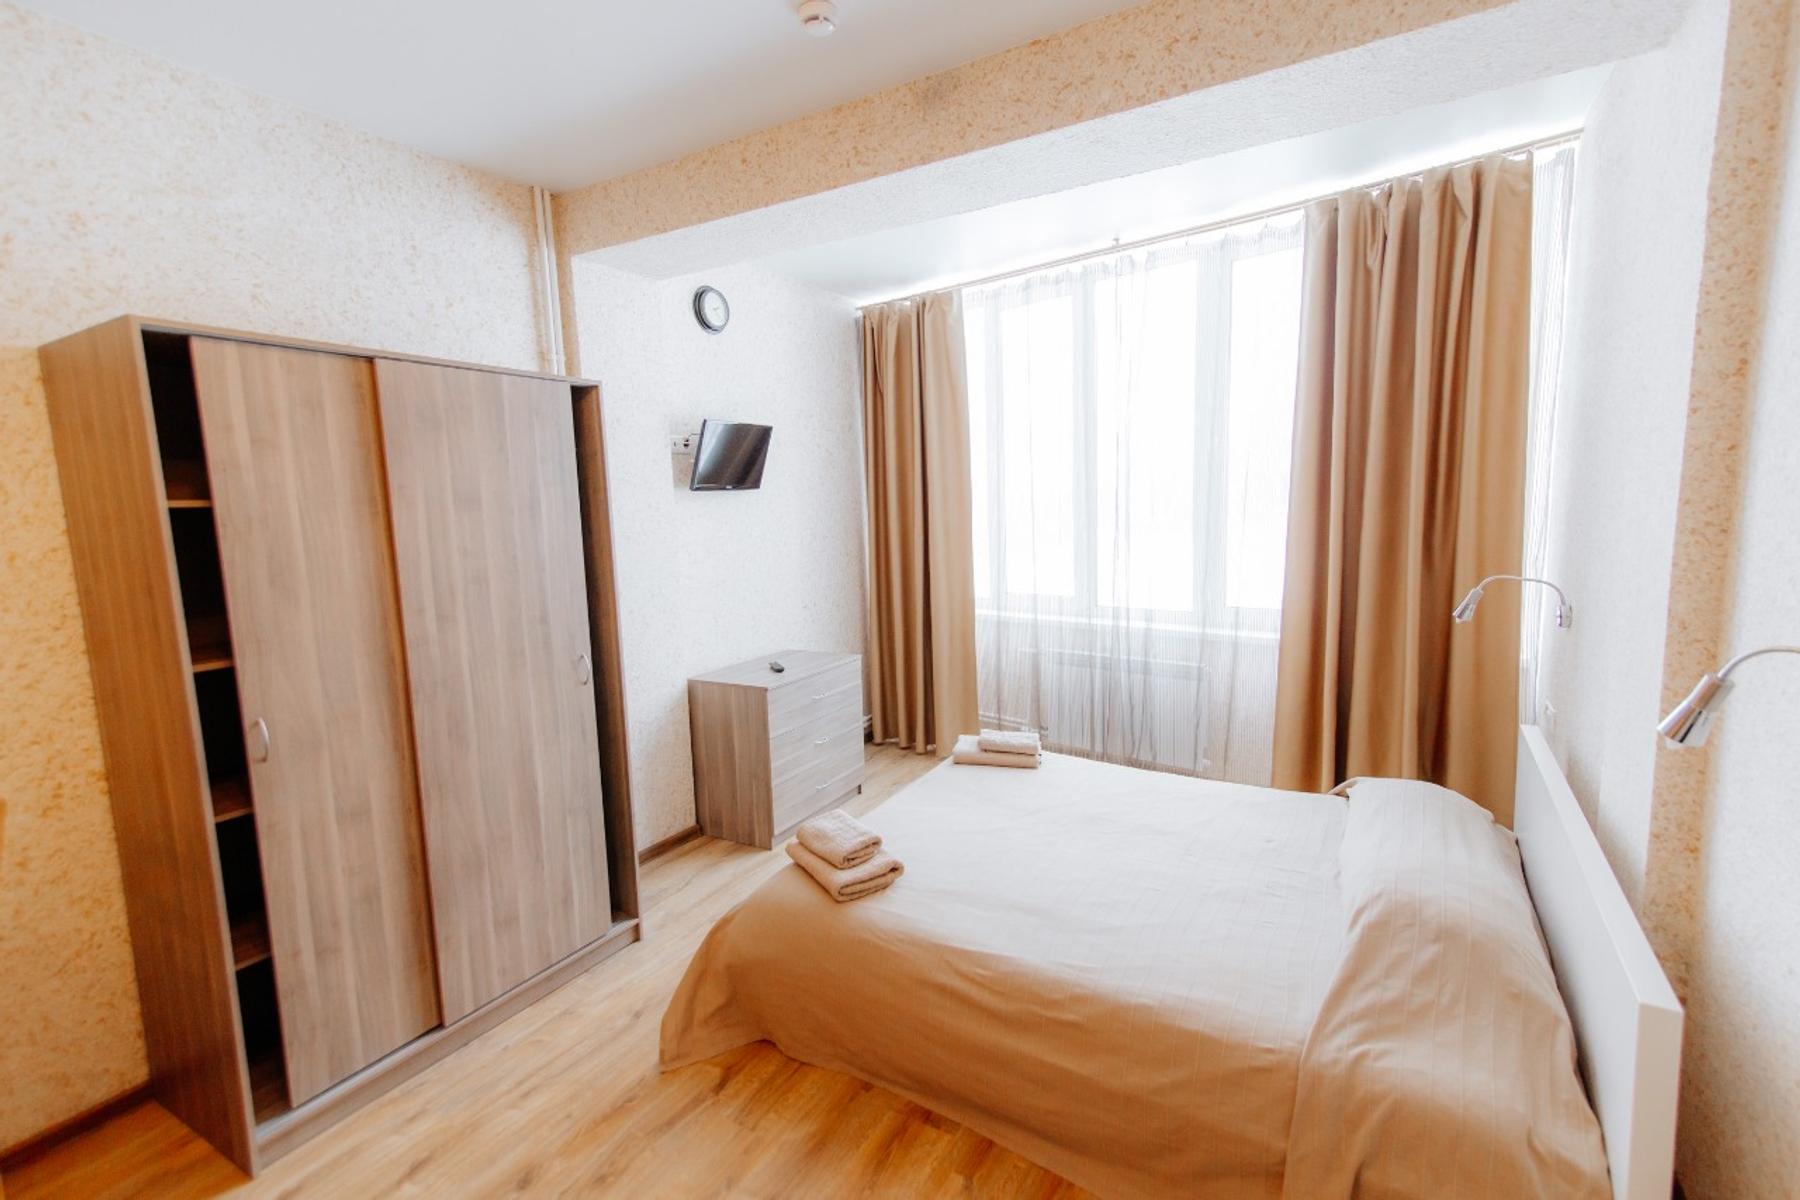 В горах хочется жить в комфортном отеле, где есть все необходимое